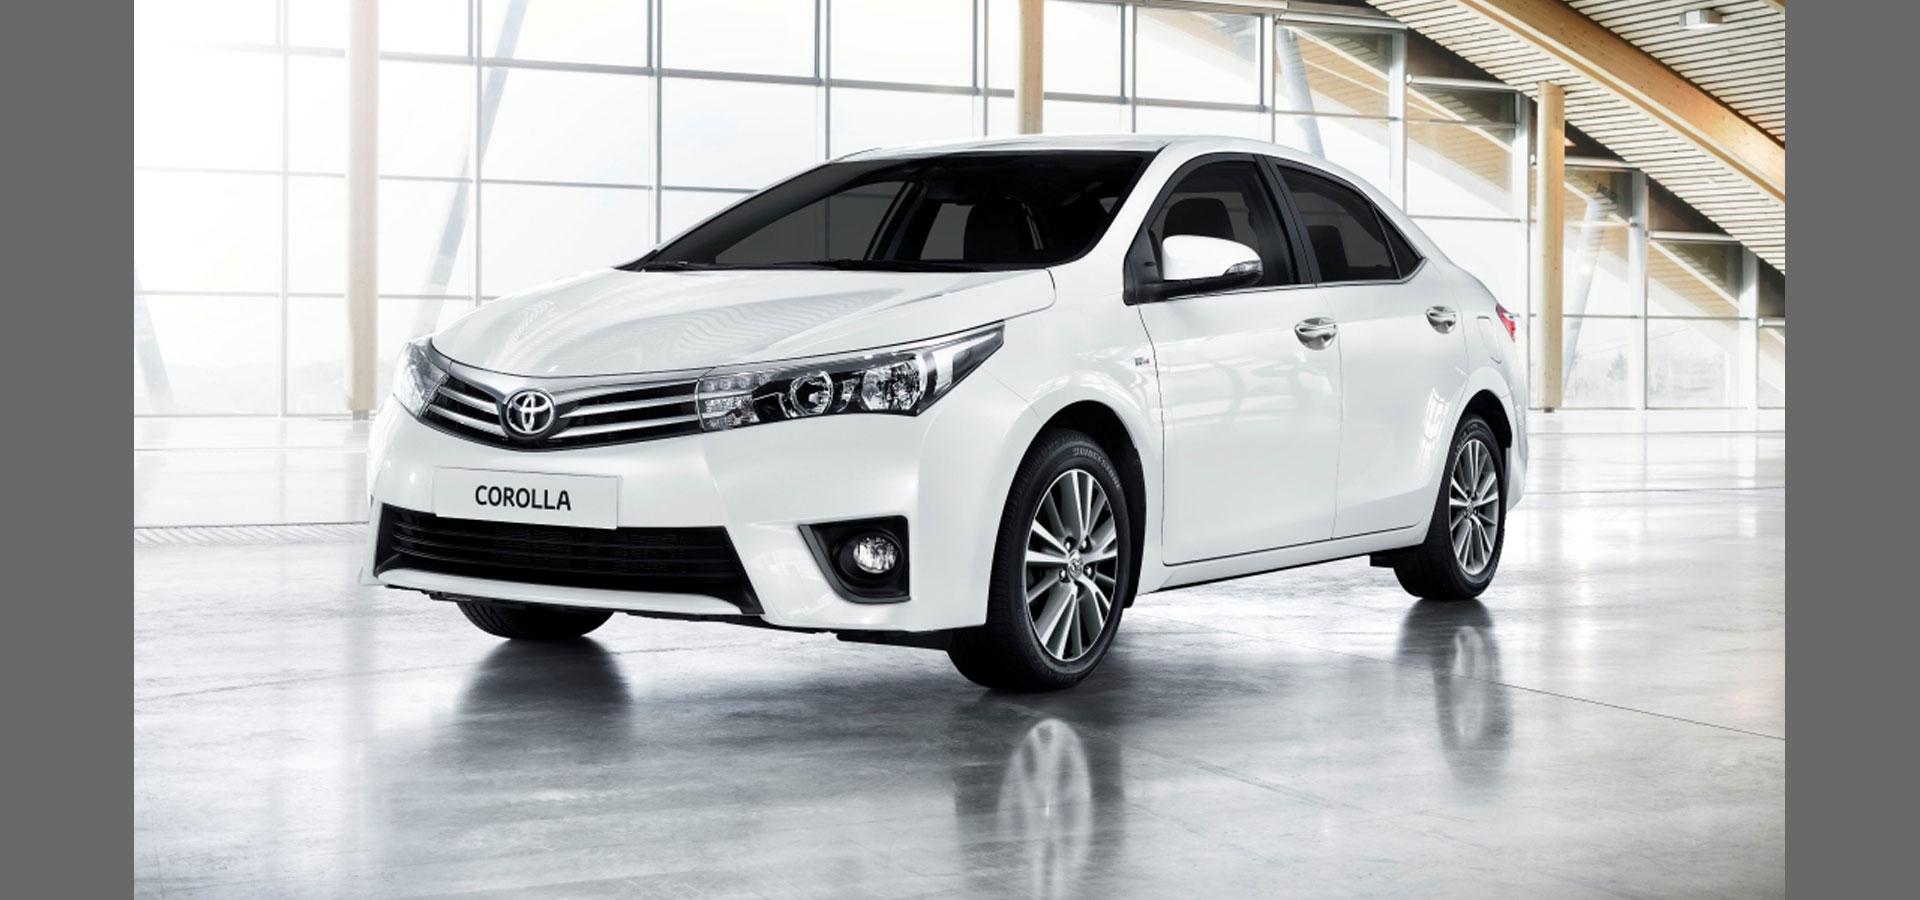 Nuevo Toyota Corolla 2014 Buenos Aires